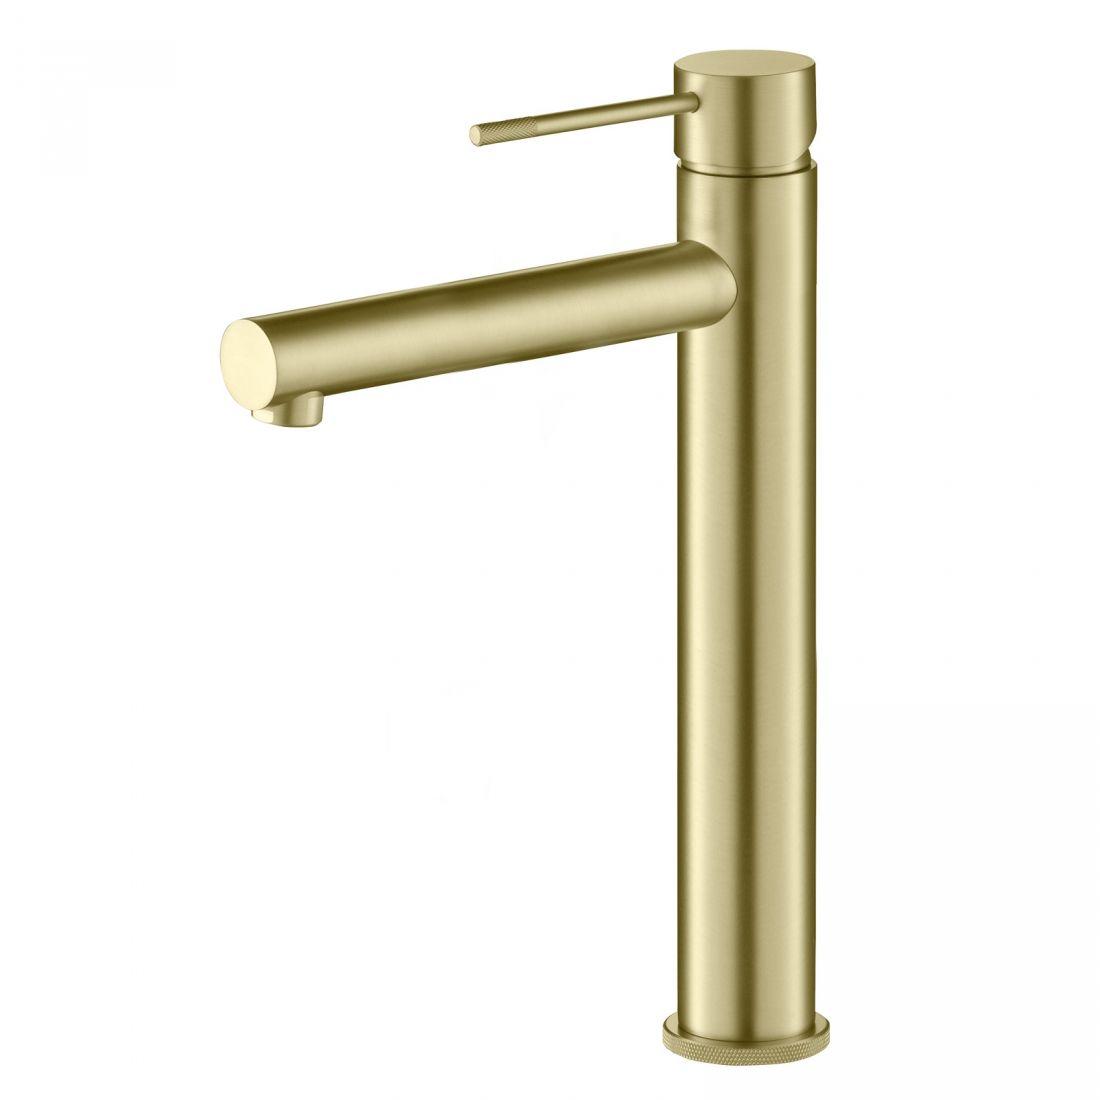 Смеситель для раковины-чаши Timo Saona (2311/17F) золото матовое